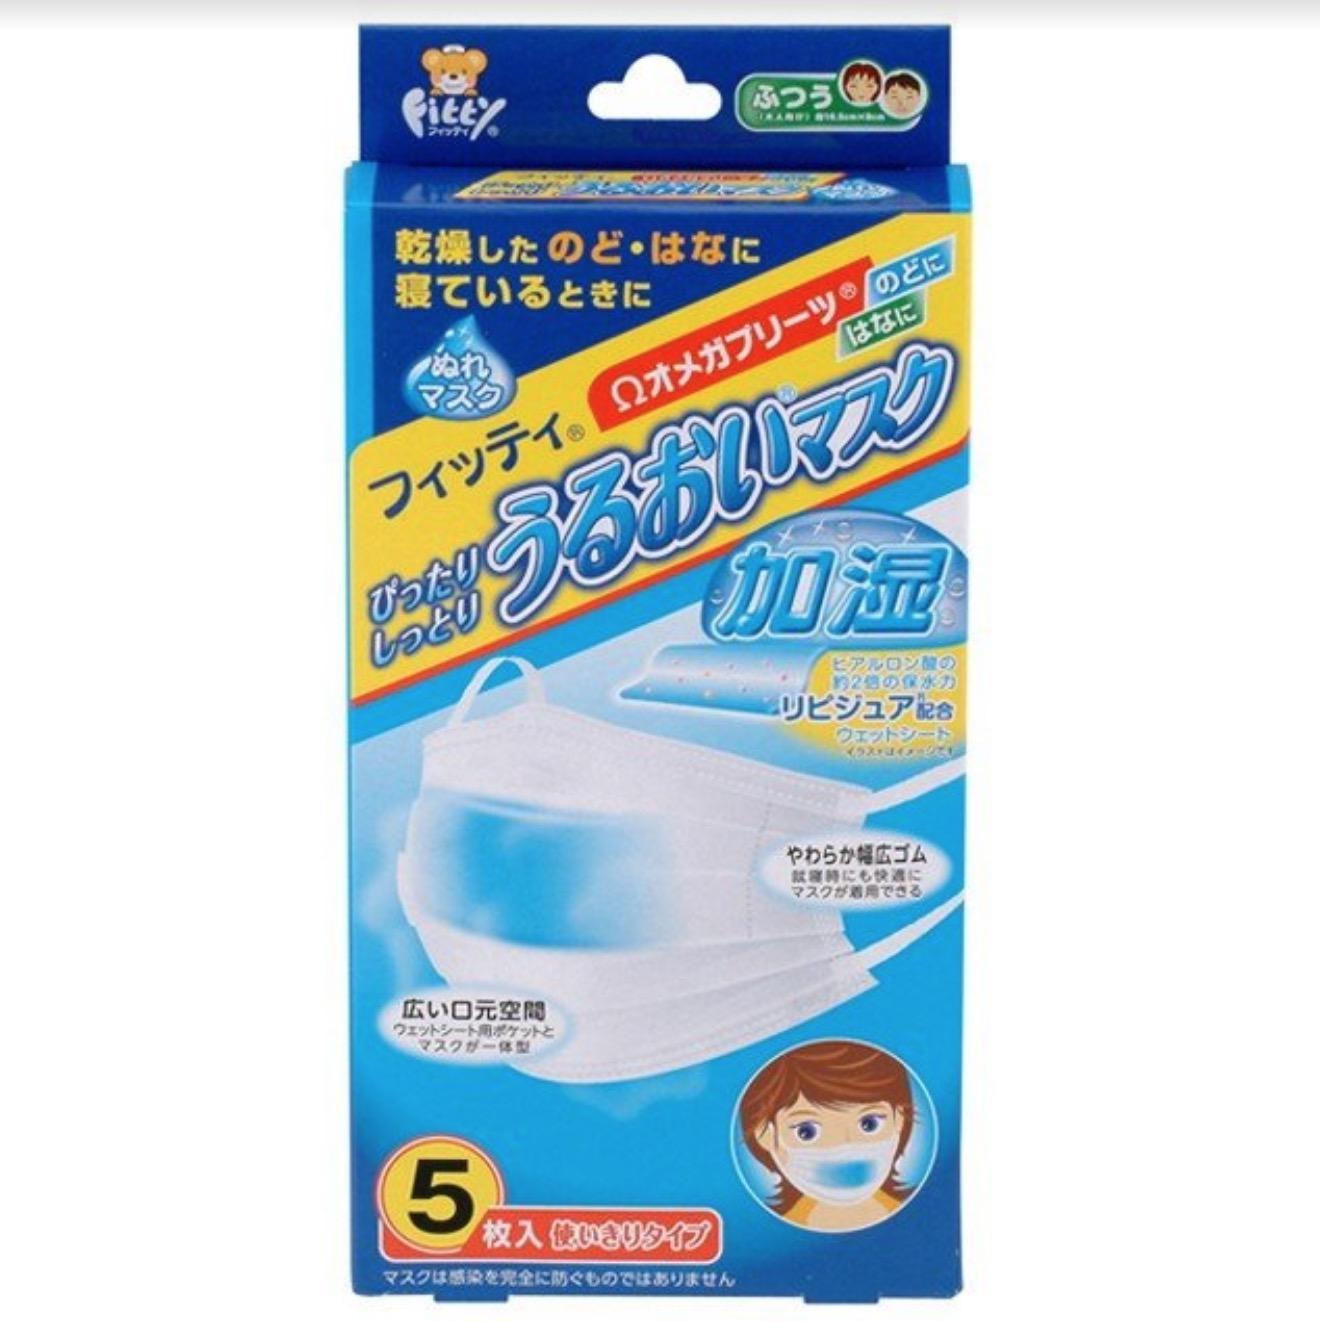 FITTY 成人立體保濕口罩,是融合保濕成分與玻尿酸成份的口罩。